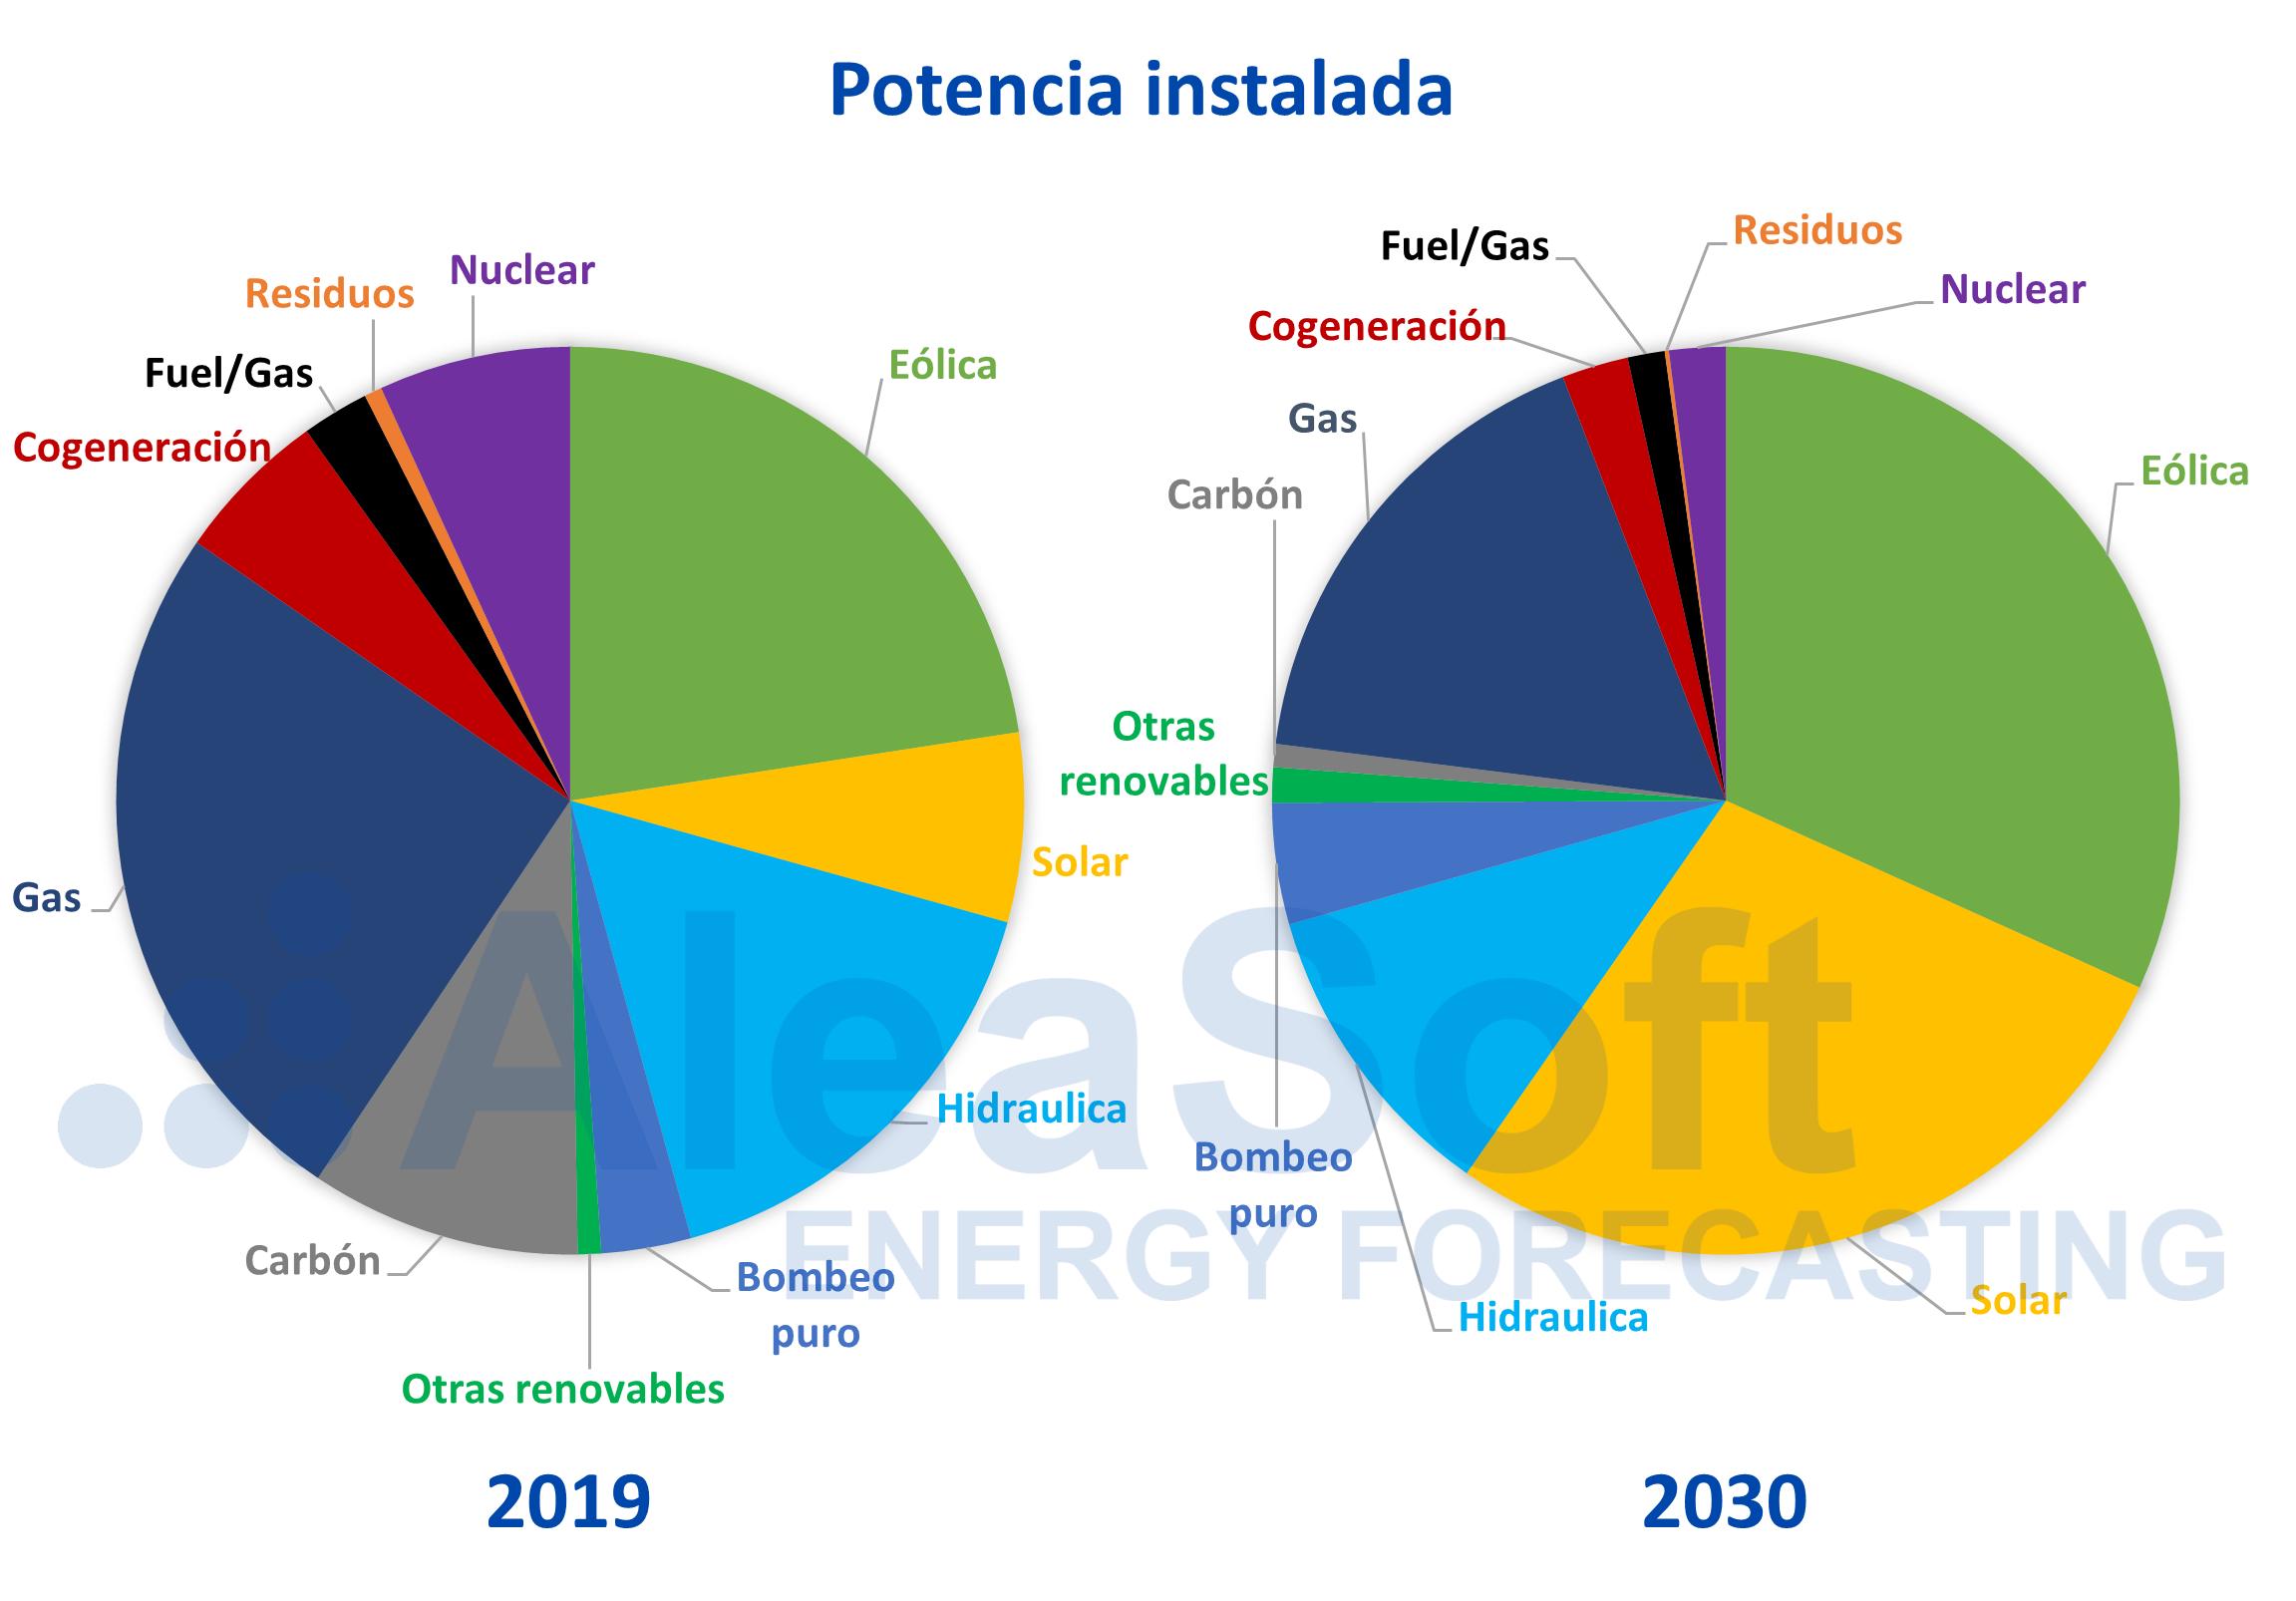 AleaSoft - Potencia eléctrica instalada España